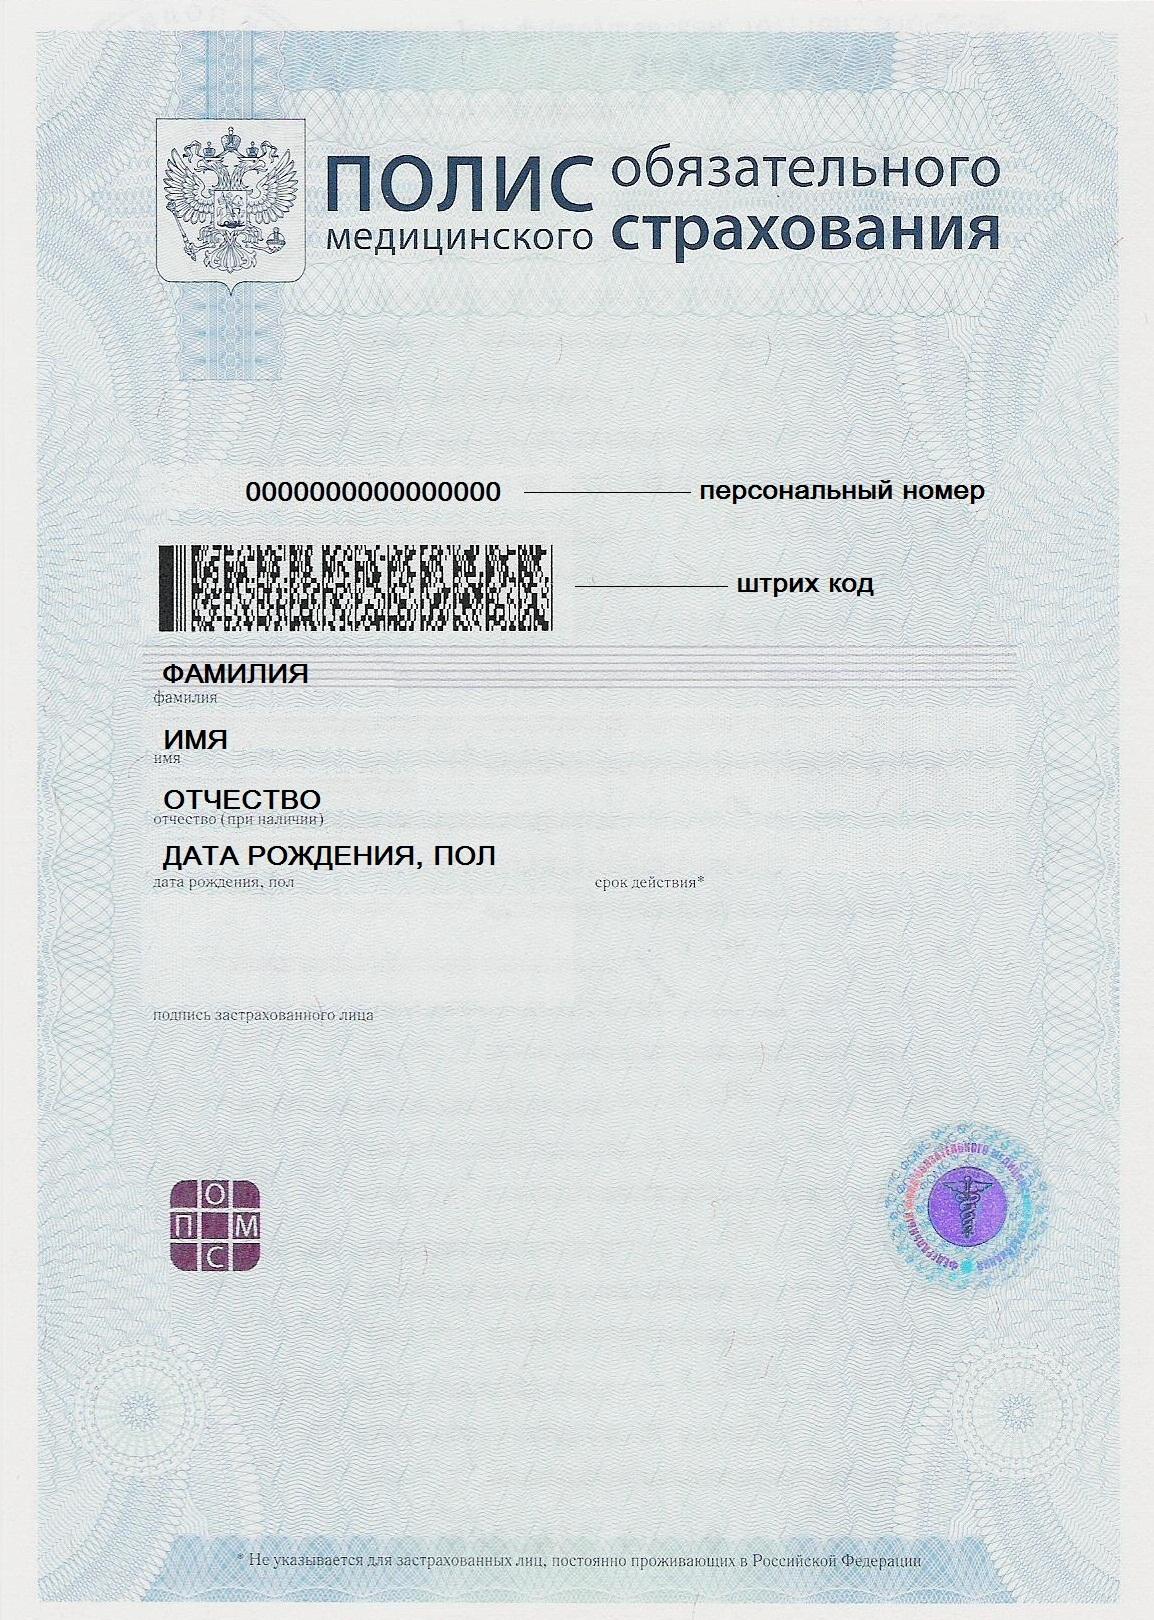 постановление правительства 1414 от 23.12.2015